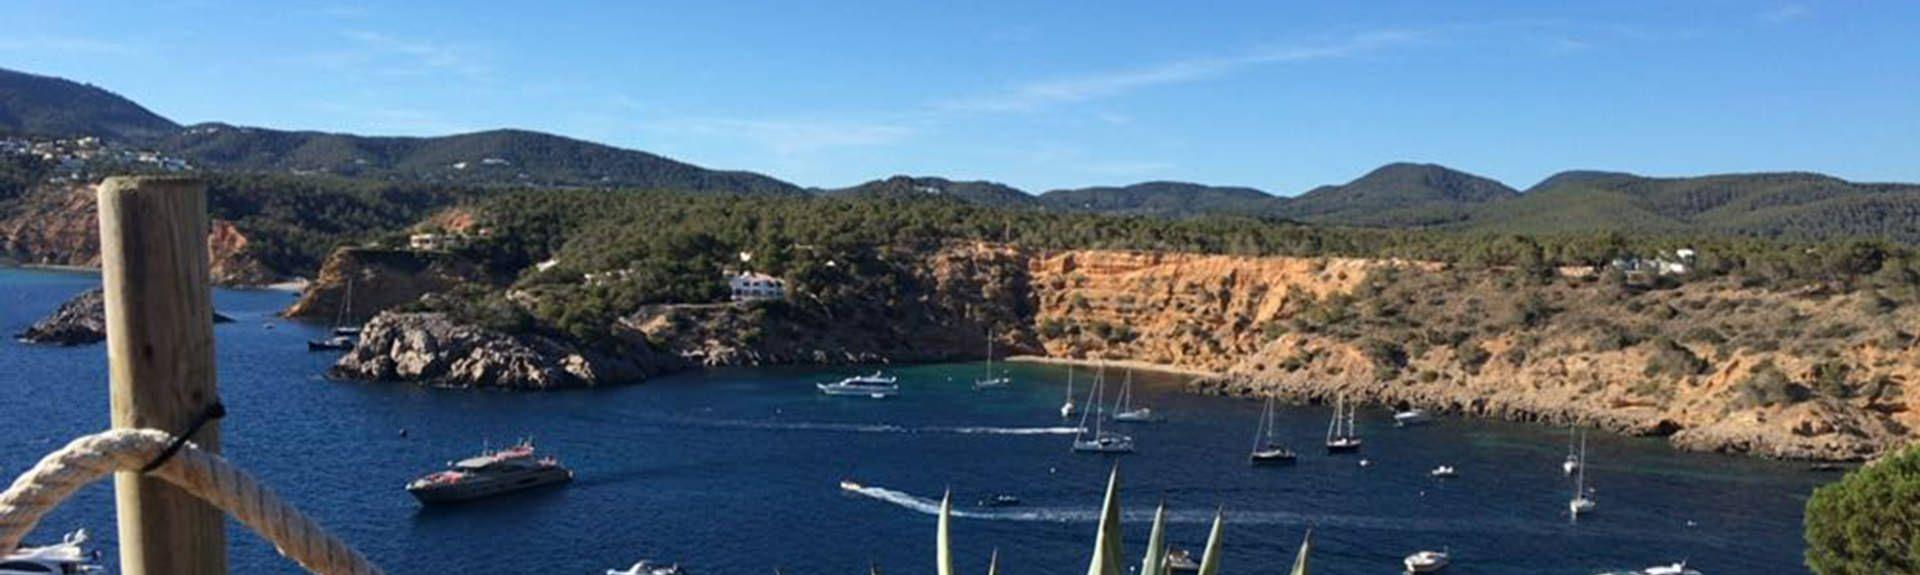 Roca Llisa, Isole Baleari, Spagna